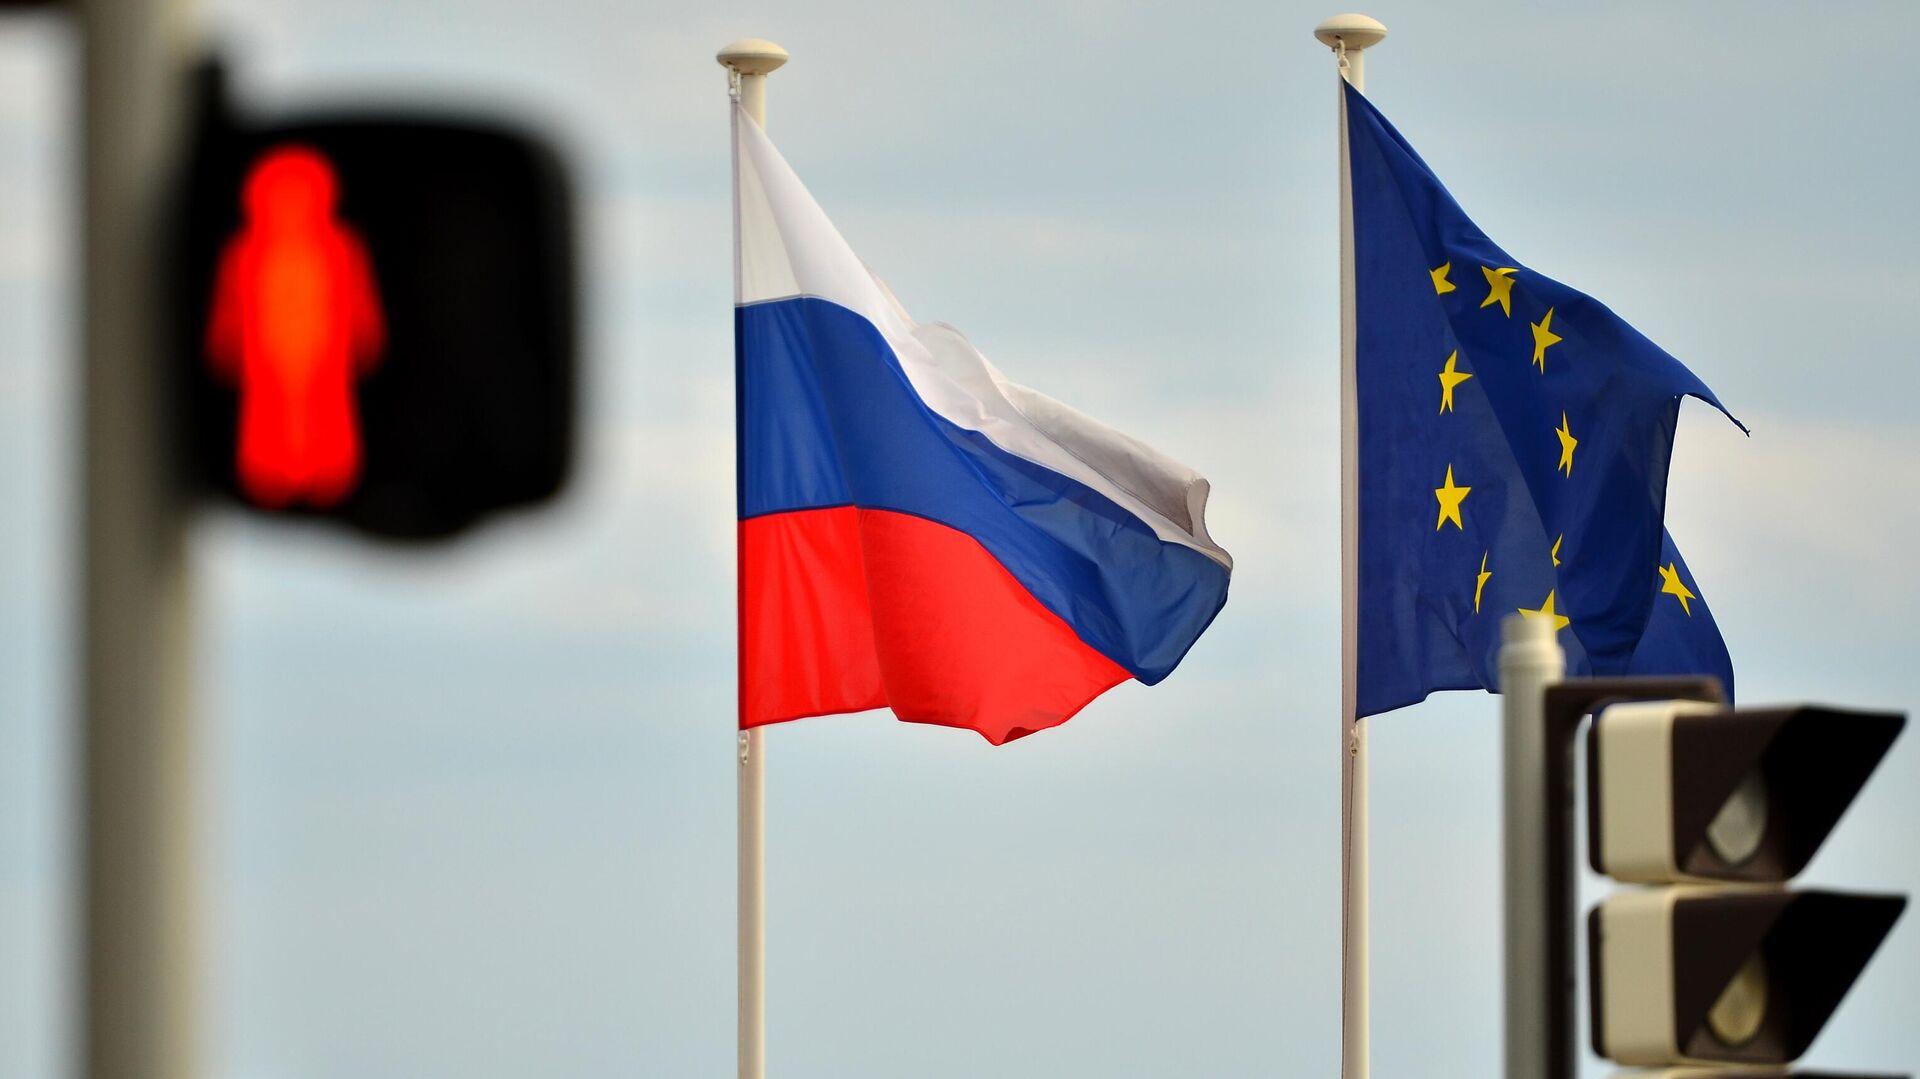 Флаги России и ЕС на набережной Ниццы - Sputnik Узбекистан, 1920, 08.10.2021